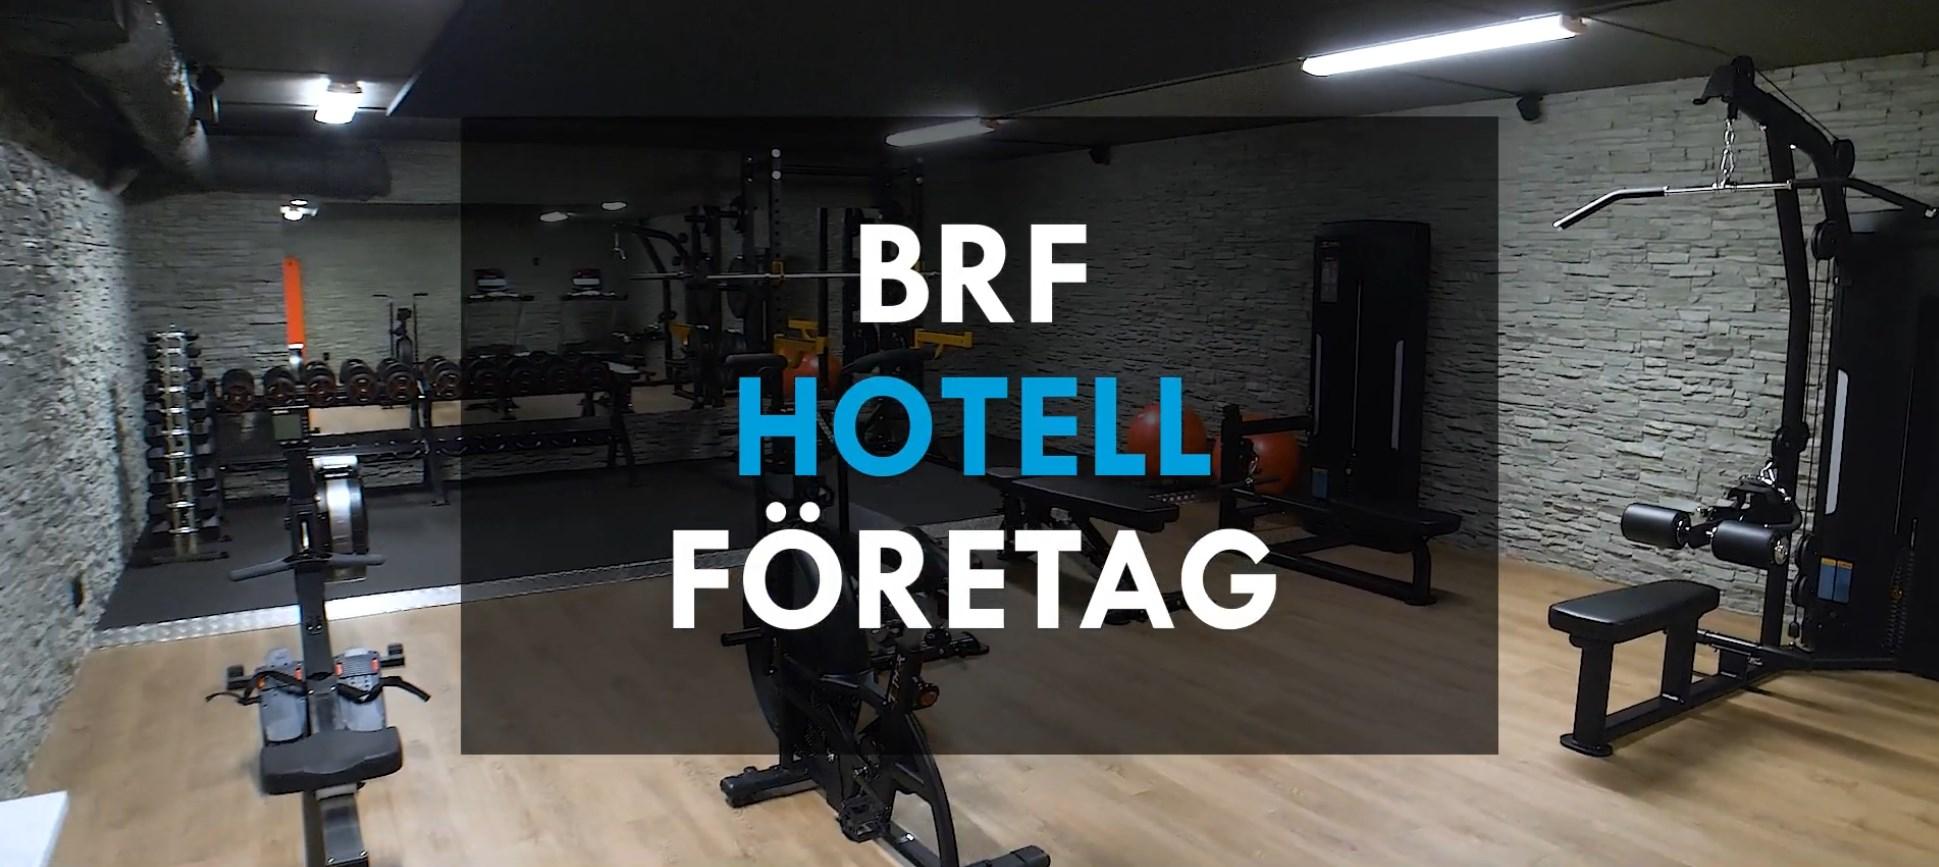 GYMLÖSNINGAR TILL BRF, HOTELL OCH FÖRETAG